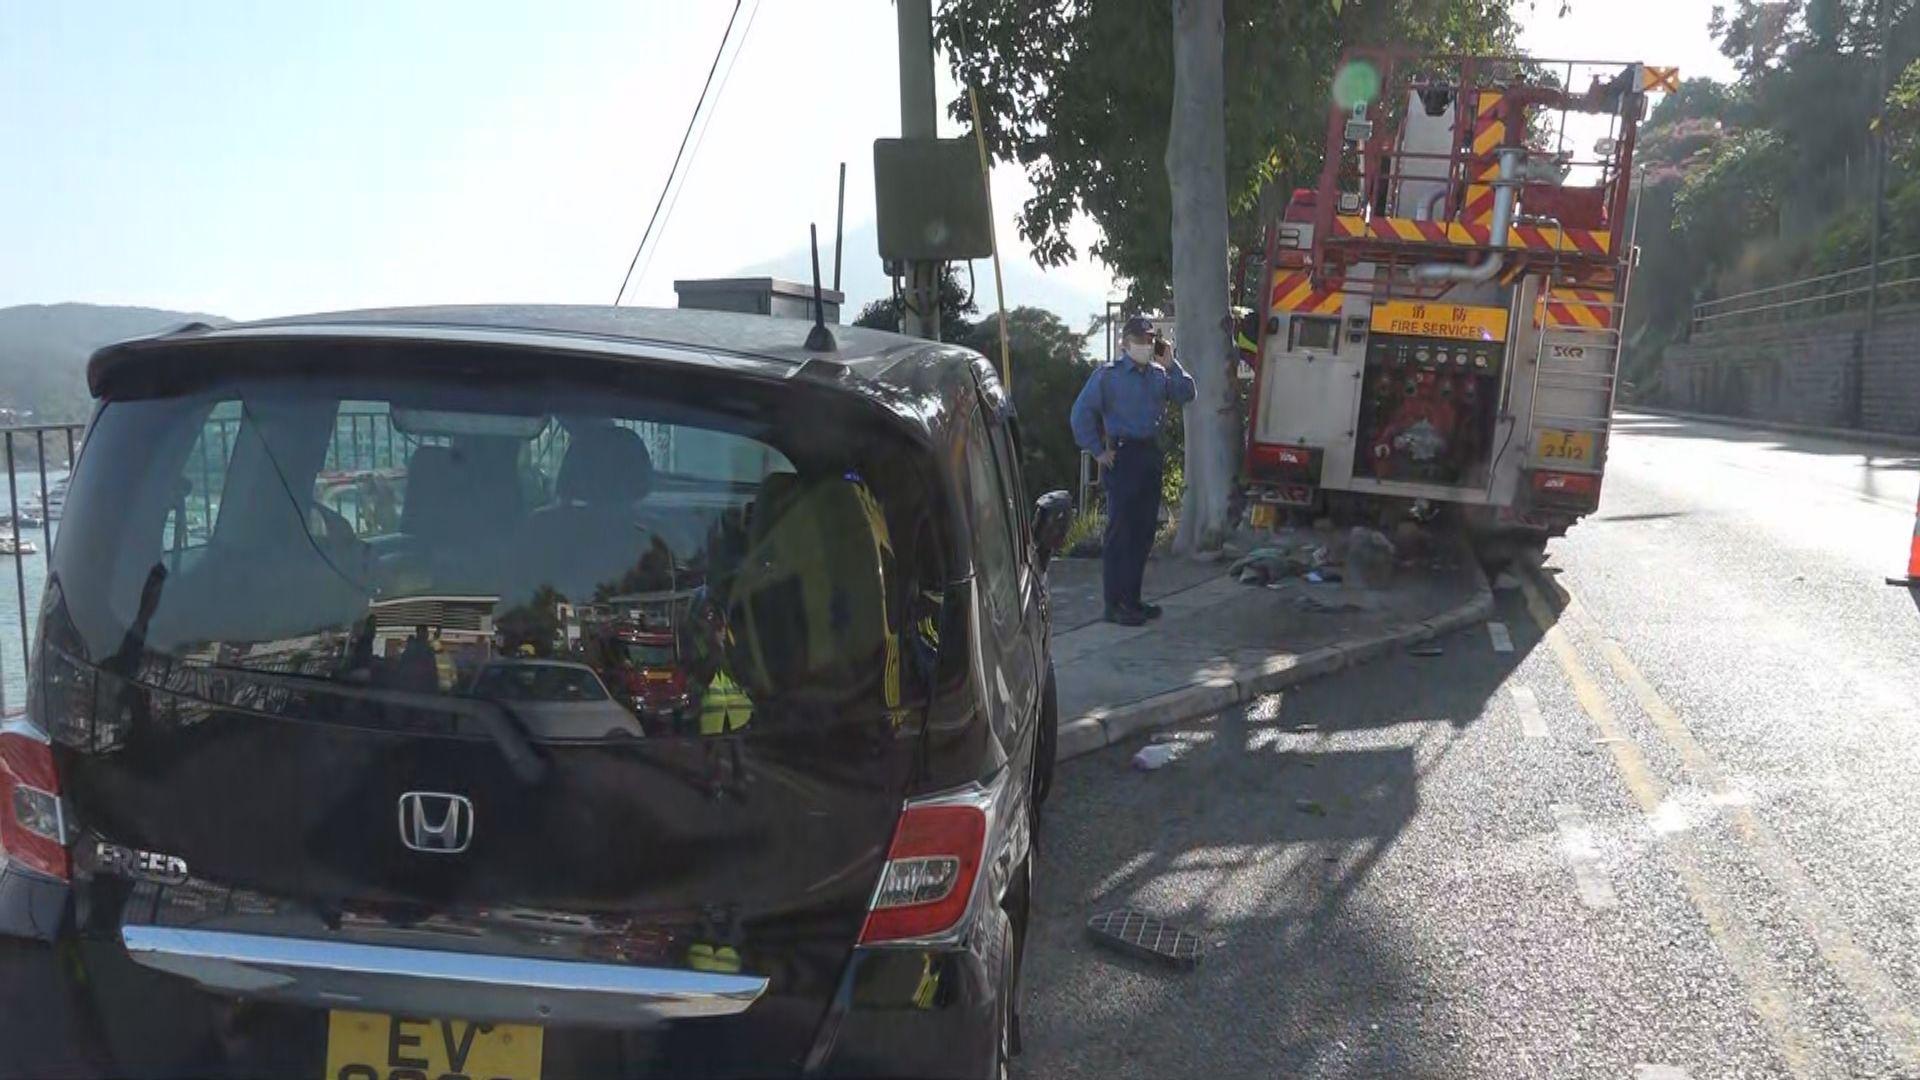 西貢交通意外踏單車男子不治 消防處深表遺憾